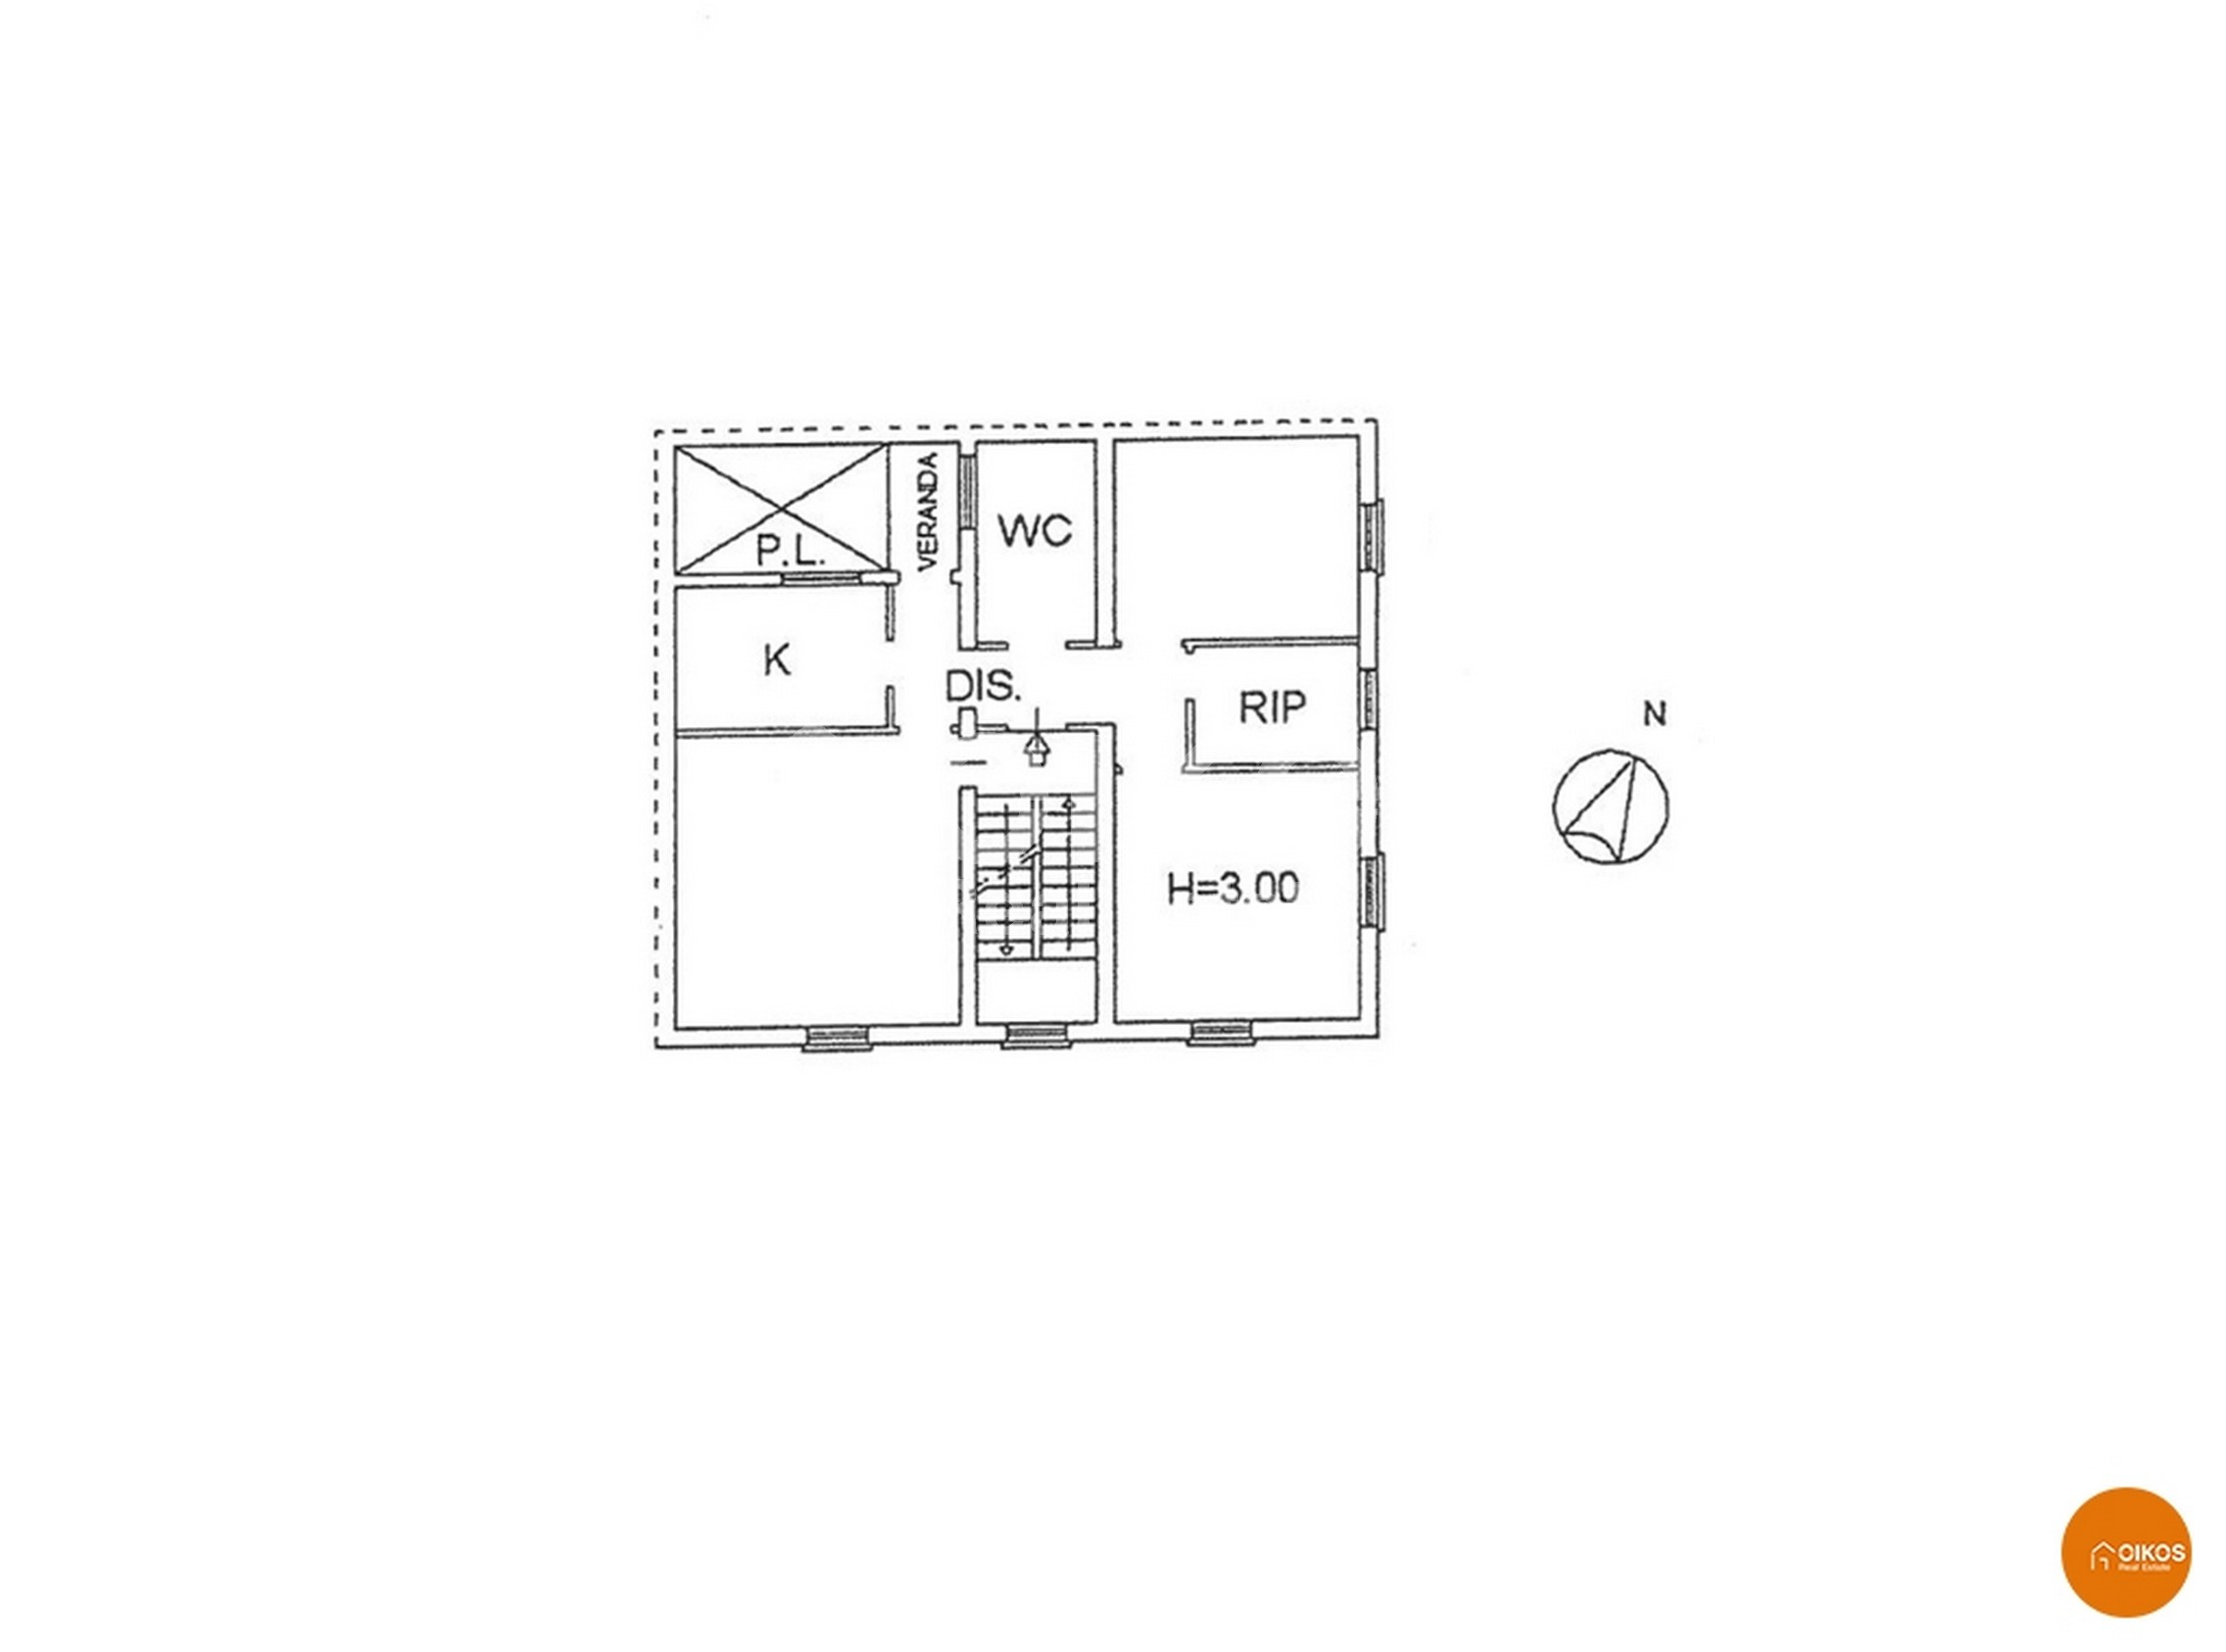 Appartamento via Cilea planimetria